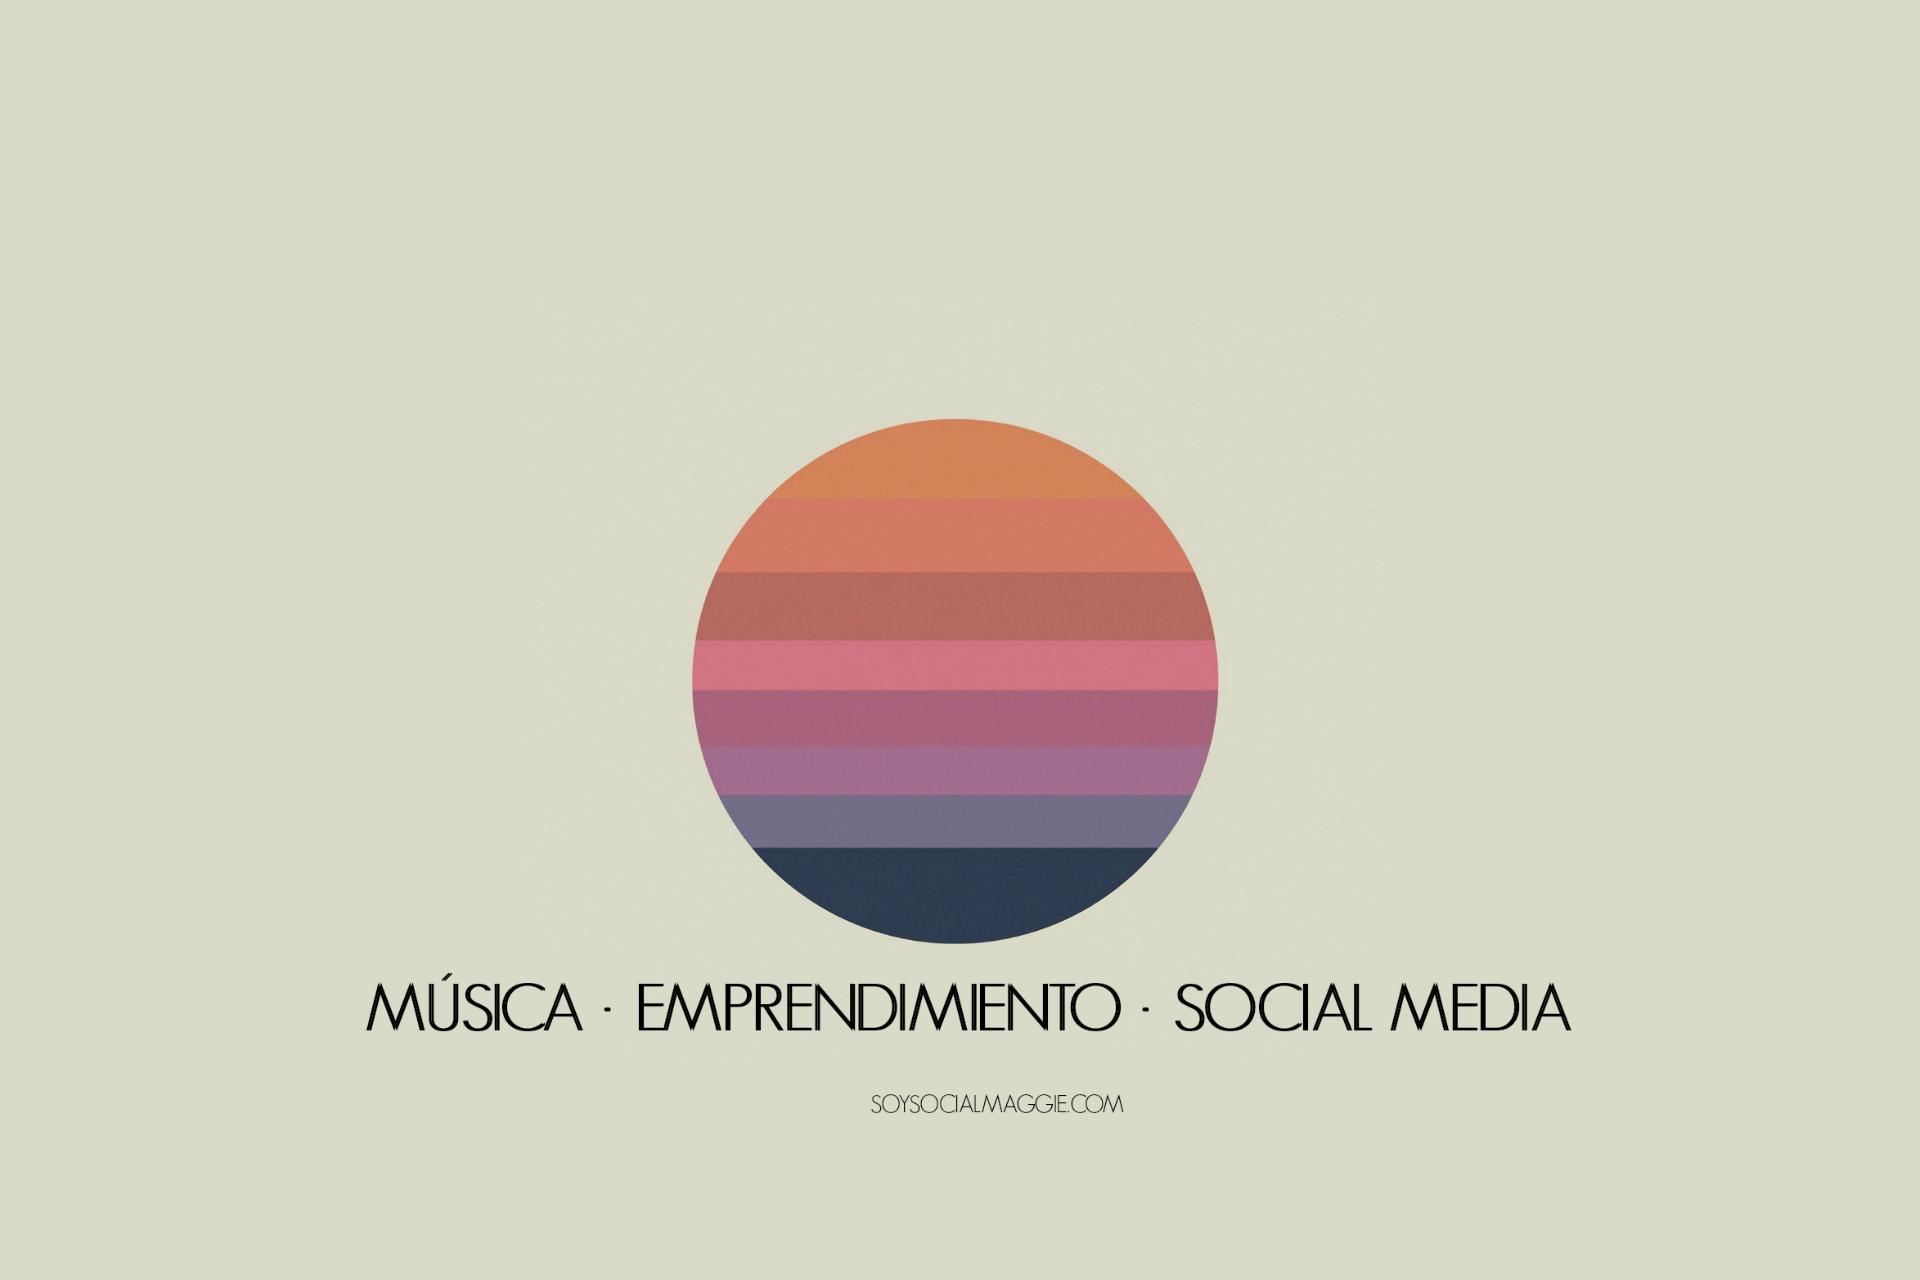 Música · Emprendimiento · Social Media